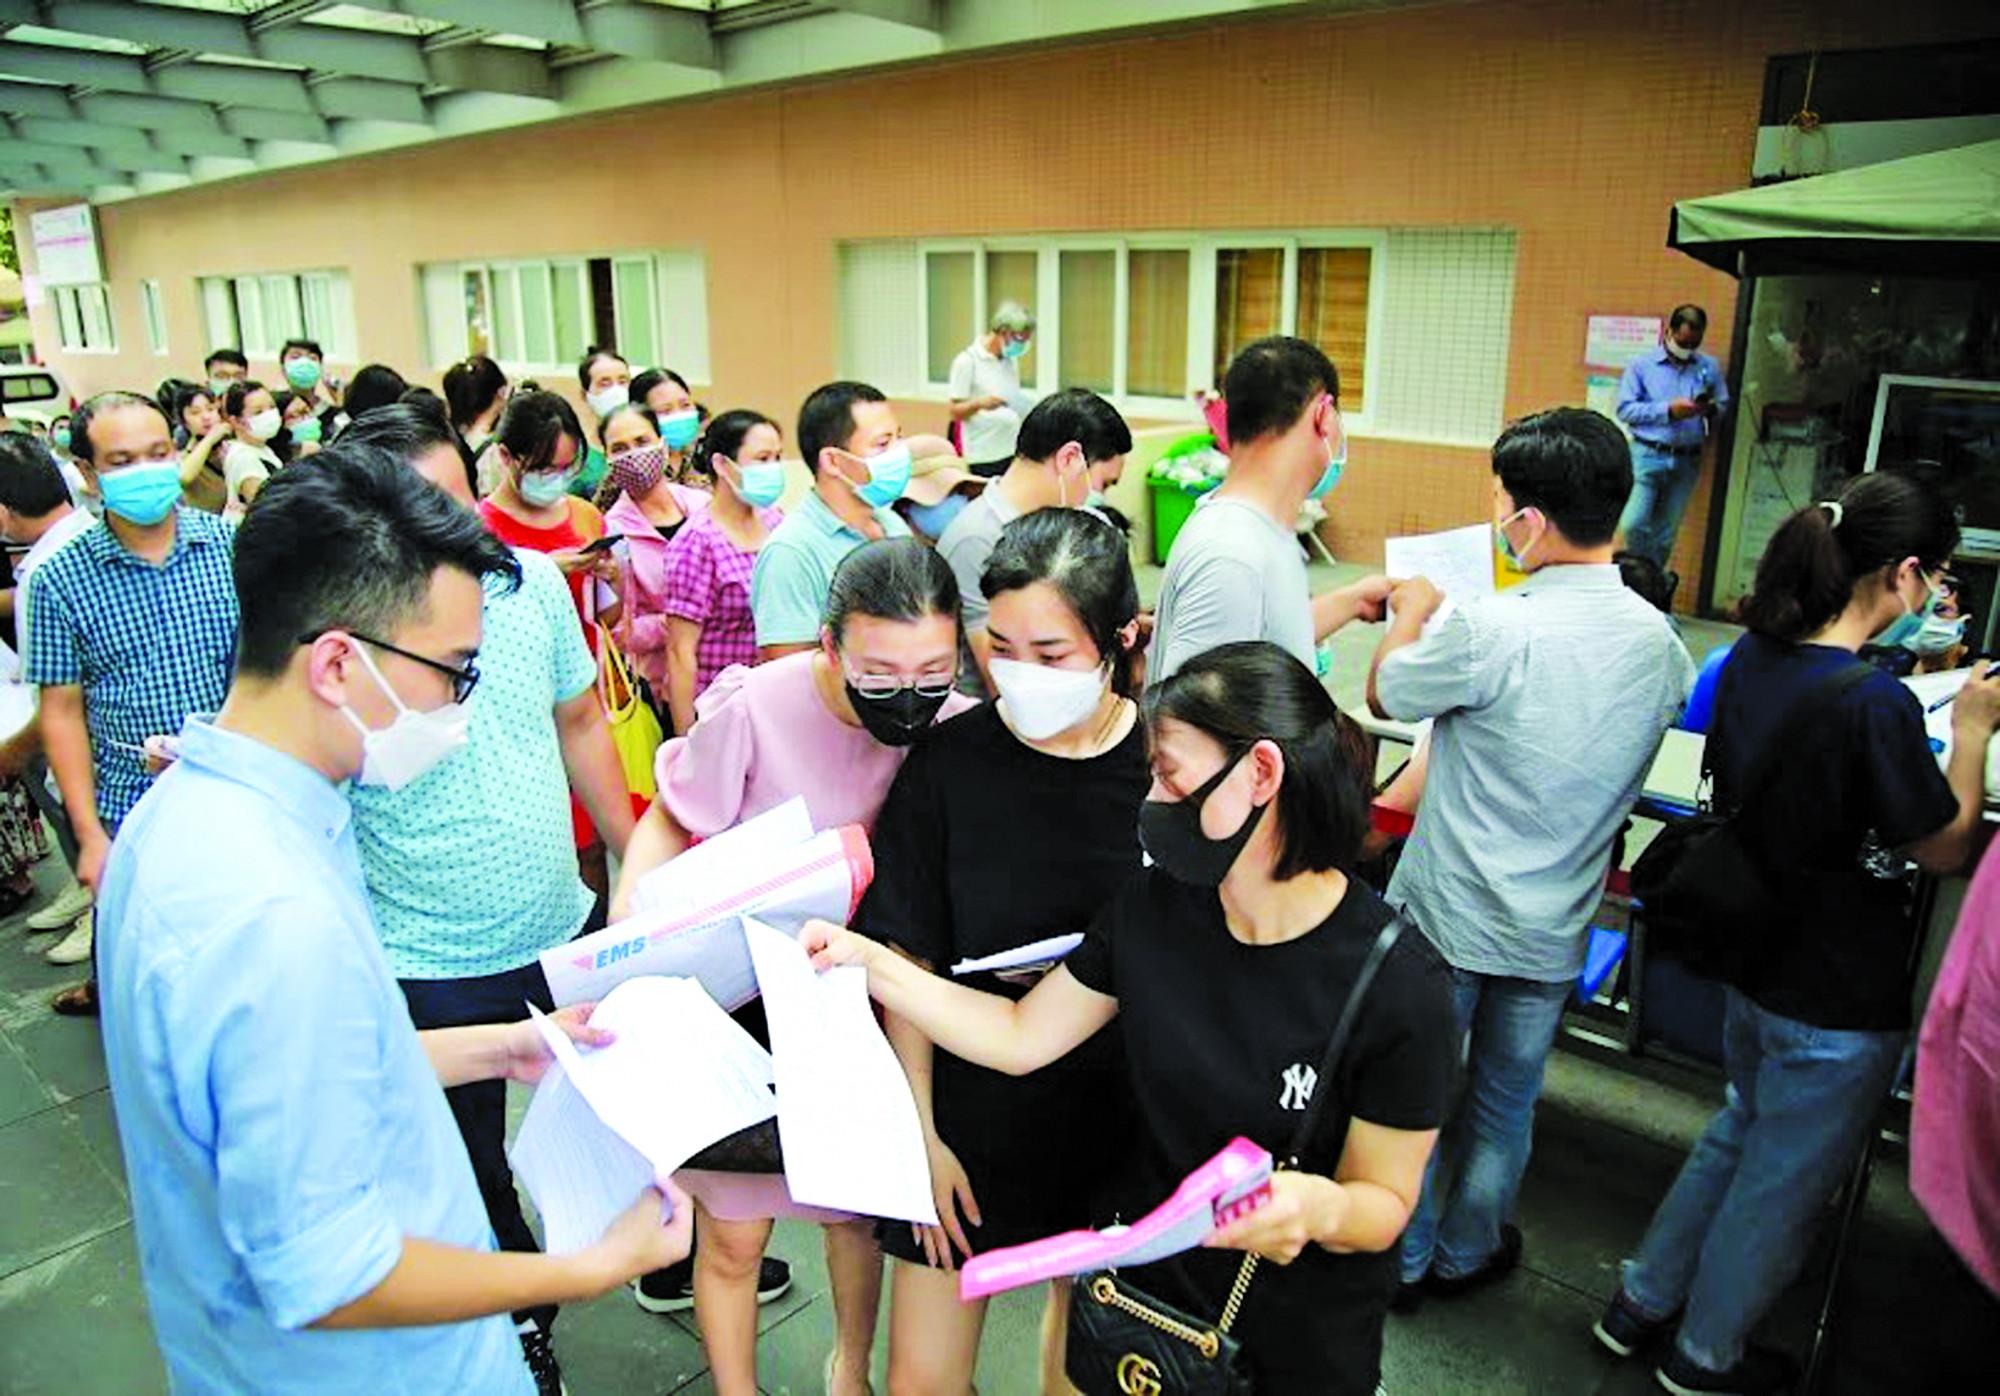 Dòng người chen chúc chờ tiêm vắc-xin COVID-19 tại Bệnh viện E (Hà Nội) mới đây gây nhiều lo ngại về lây lan dịch Ảnh: Ngọc Linh